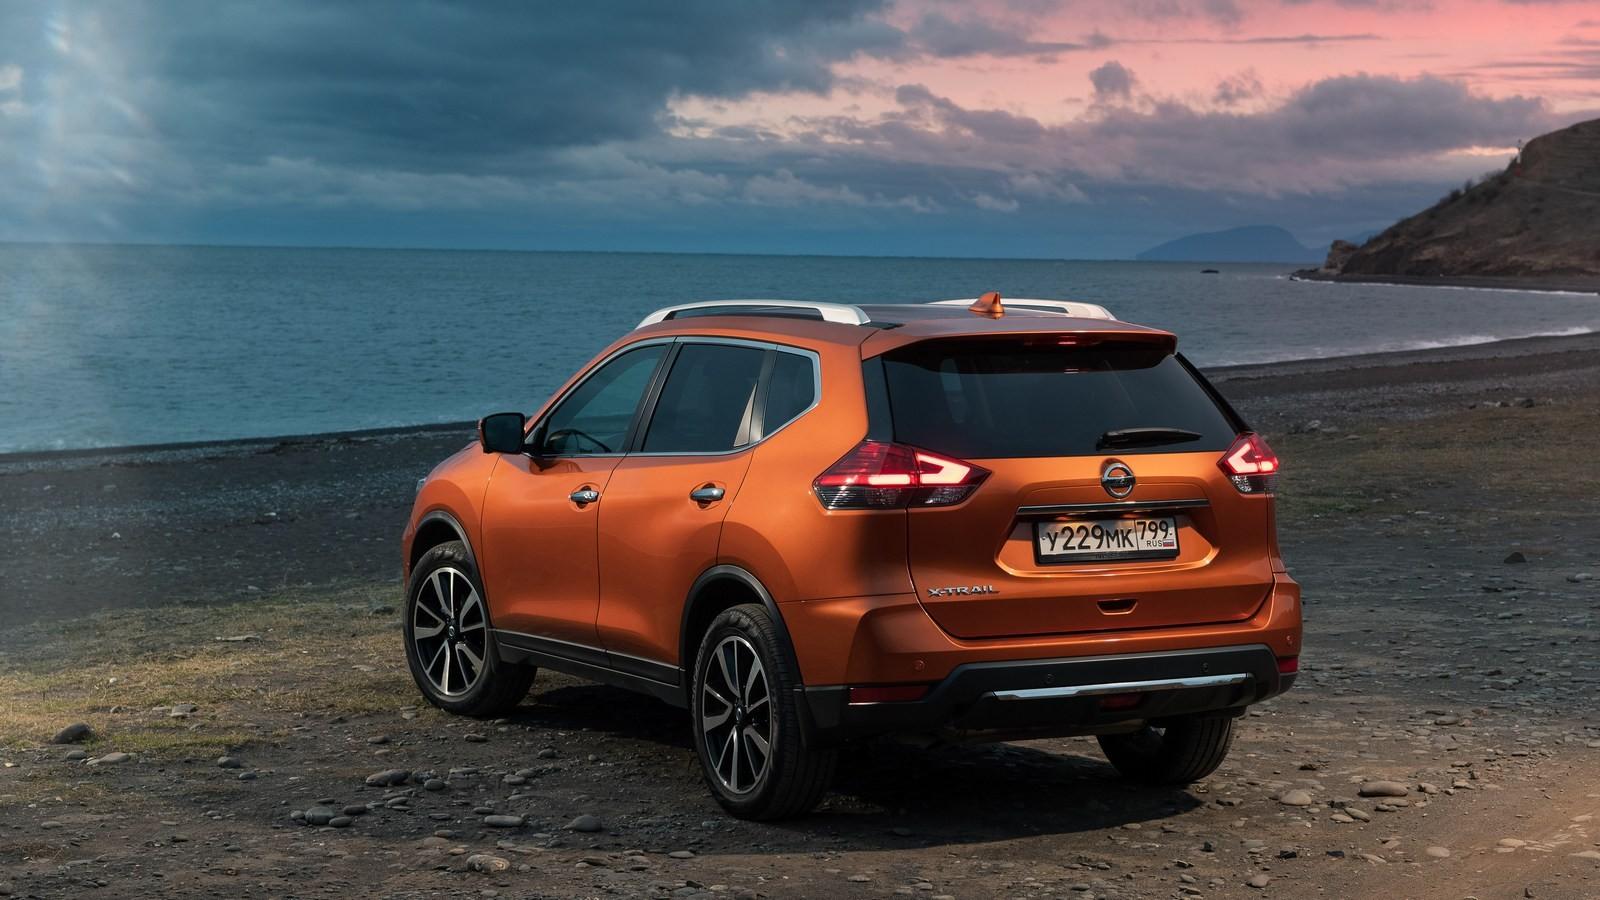 Nissan X-trail оранжевый (2)